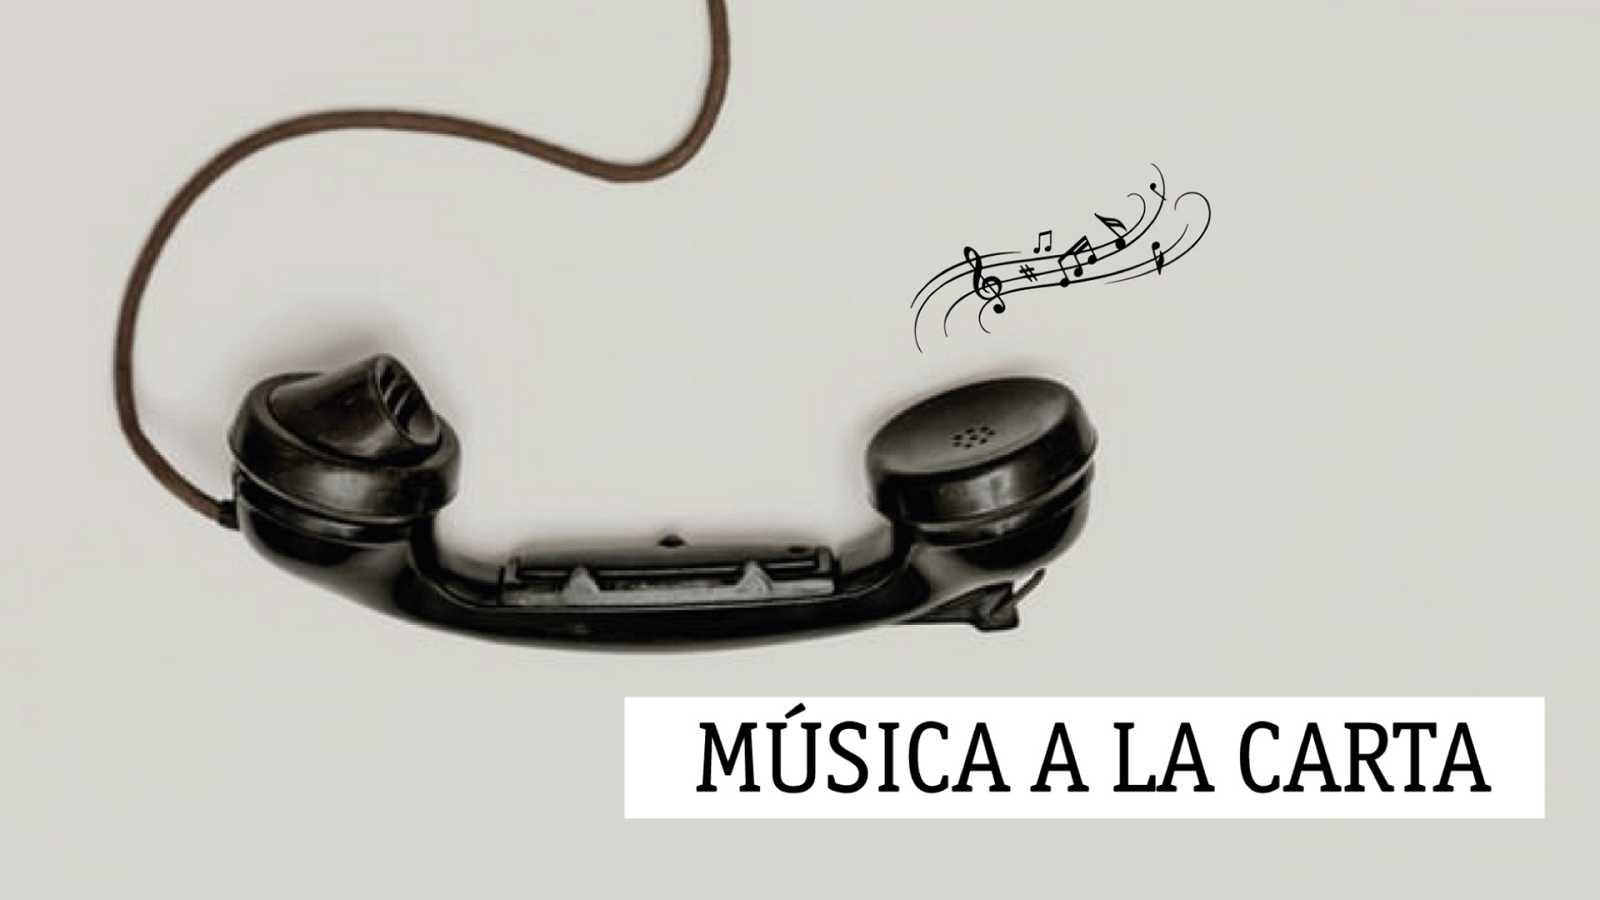 Música a la carta - 05/02/21 - escuchar ahora